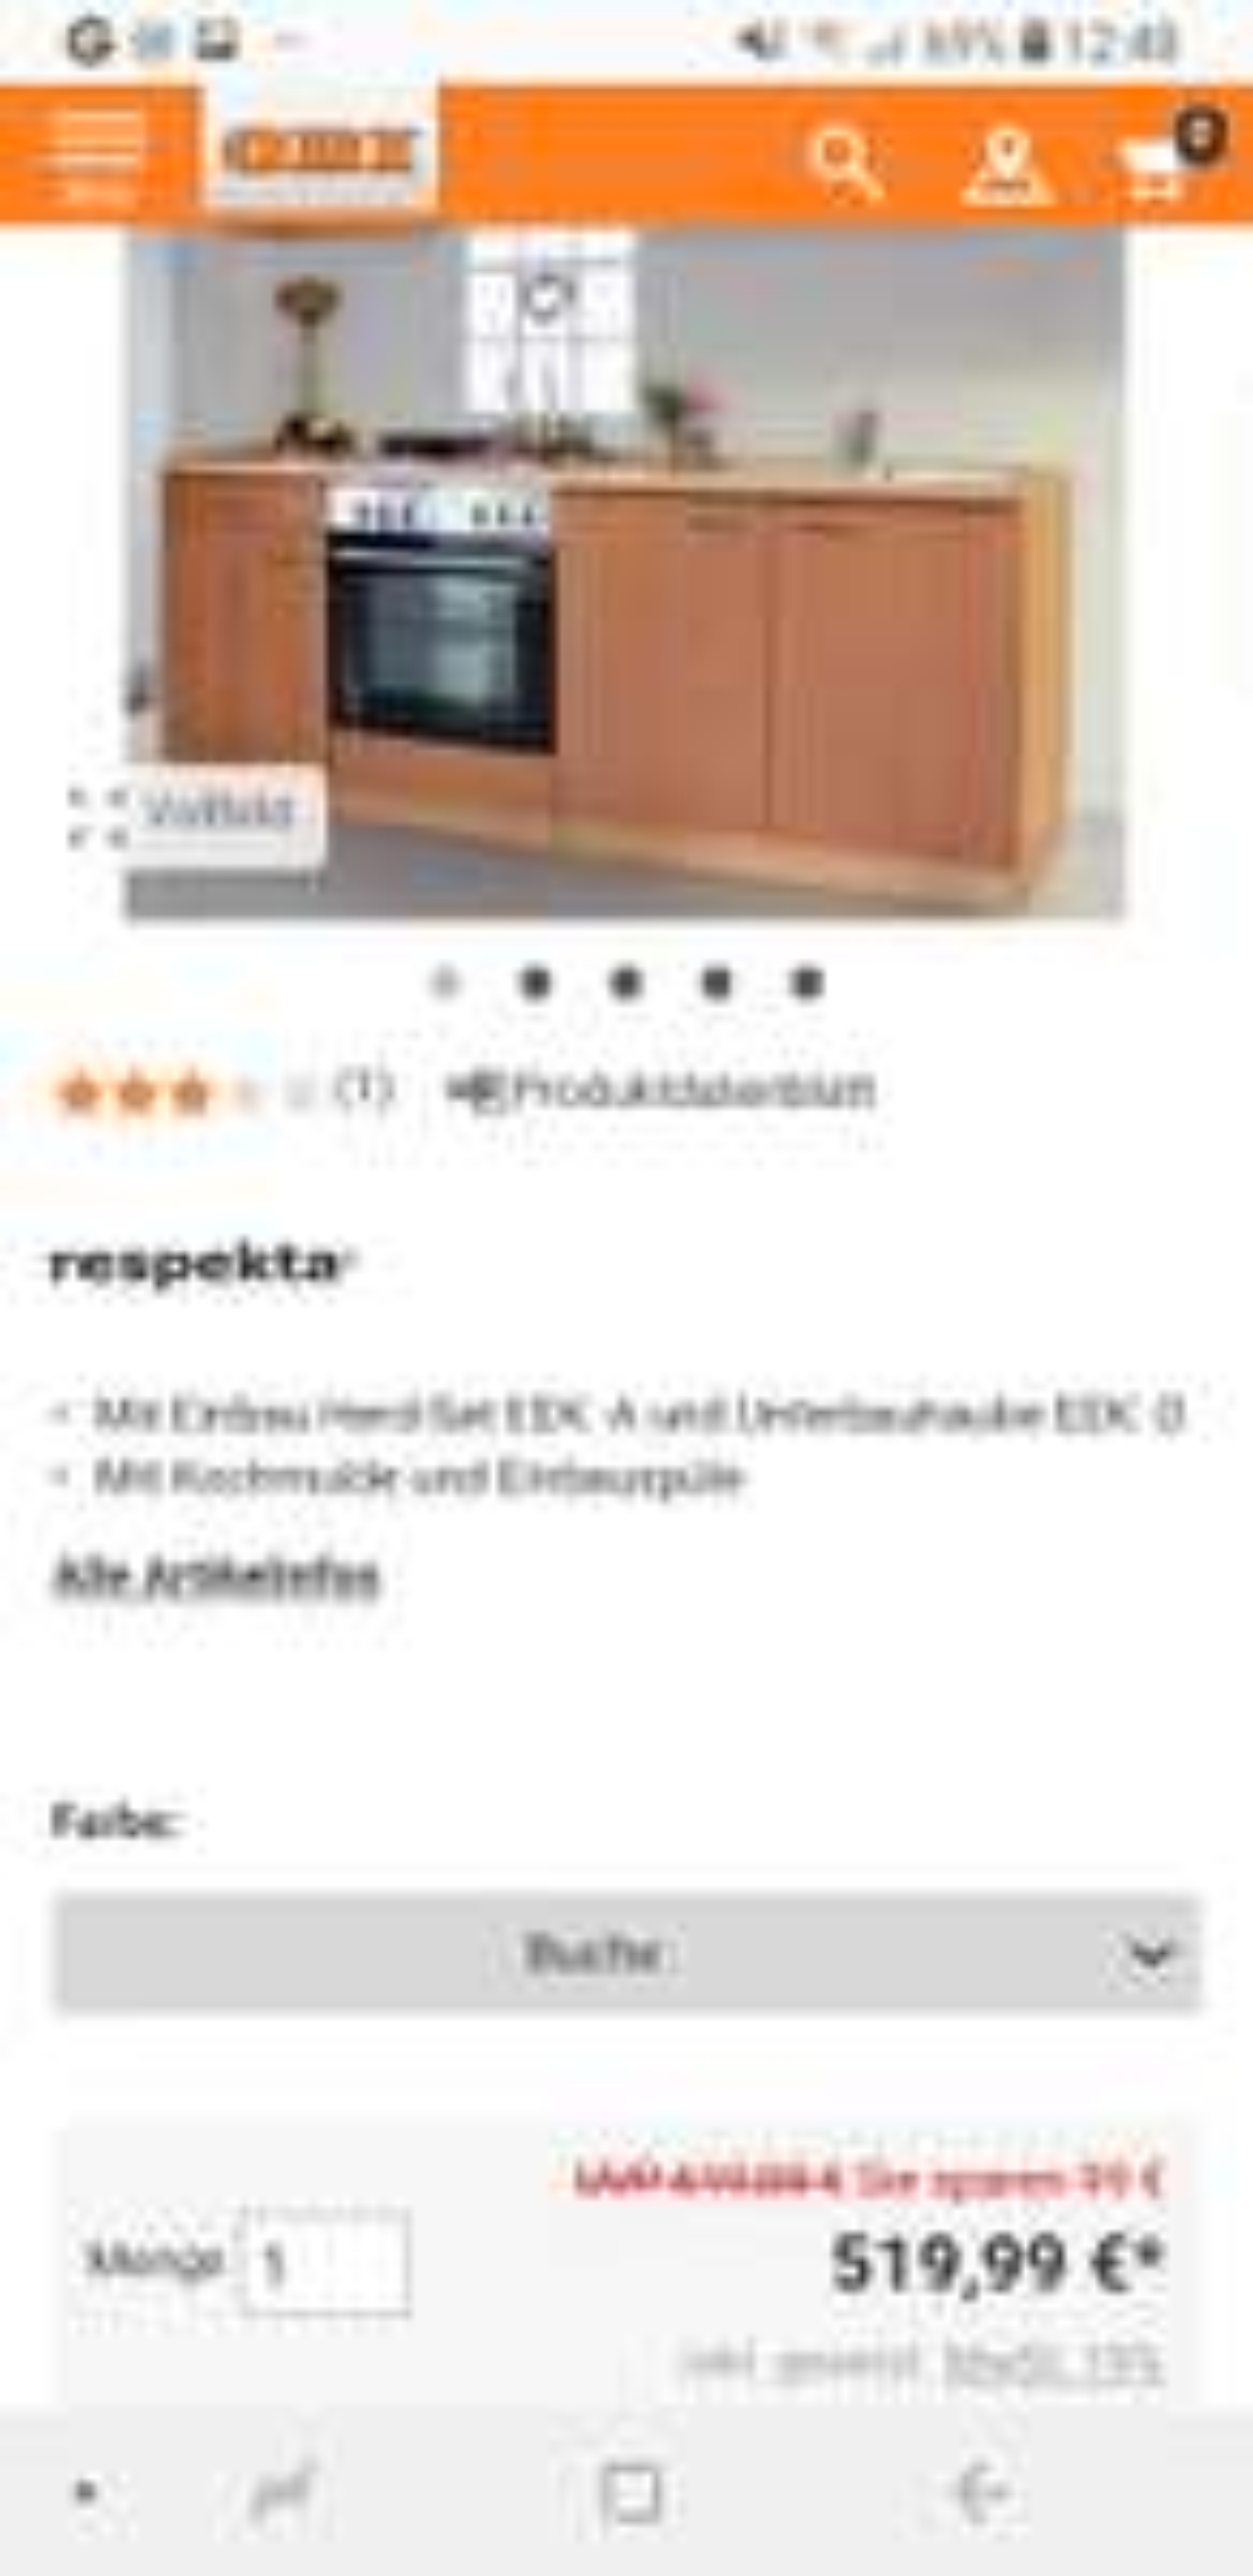 [obi.de] Respekta Küchenzeile KB210BBE 210 cm Buche mit E-Gerät